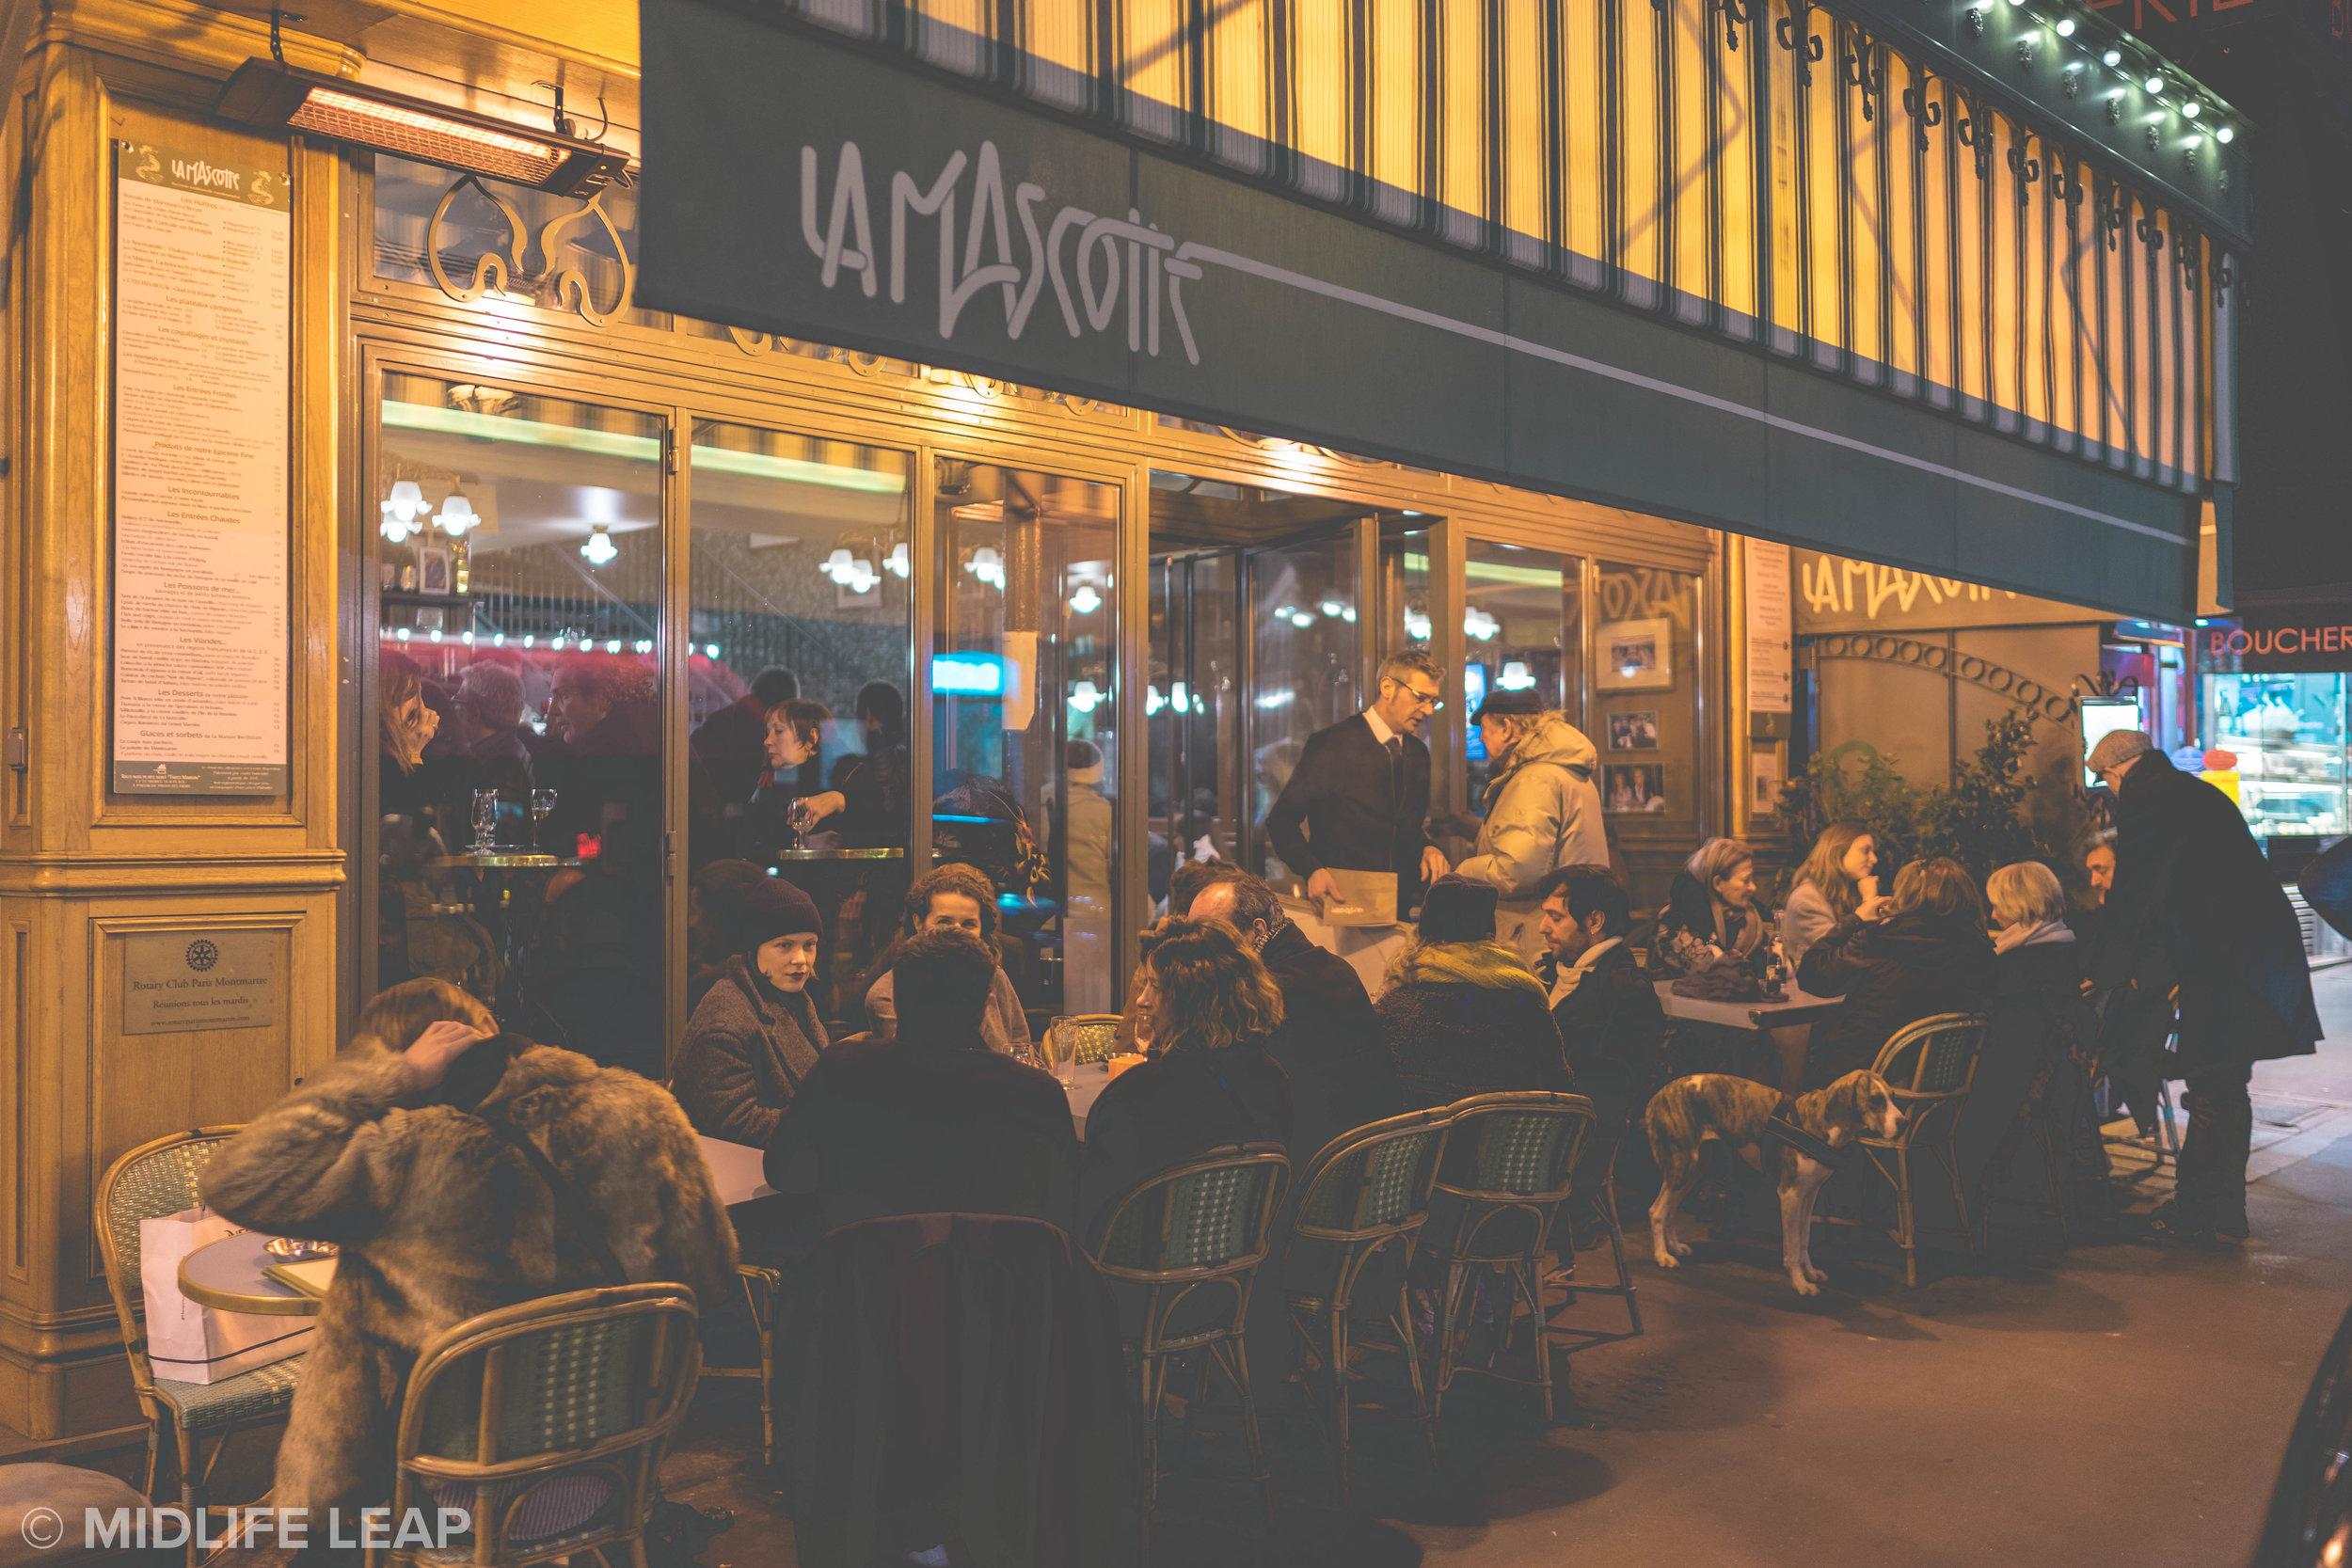 la-mascotte-best-restaurants-in-montmartre